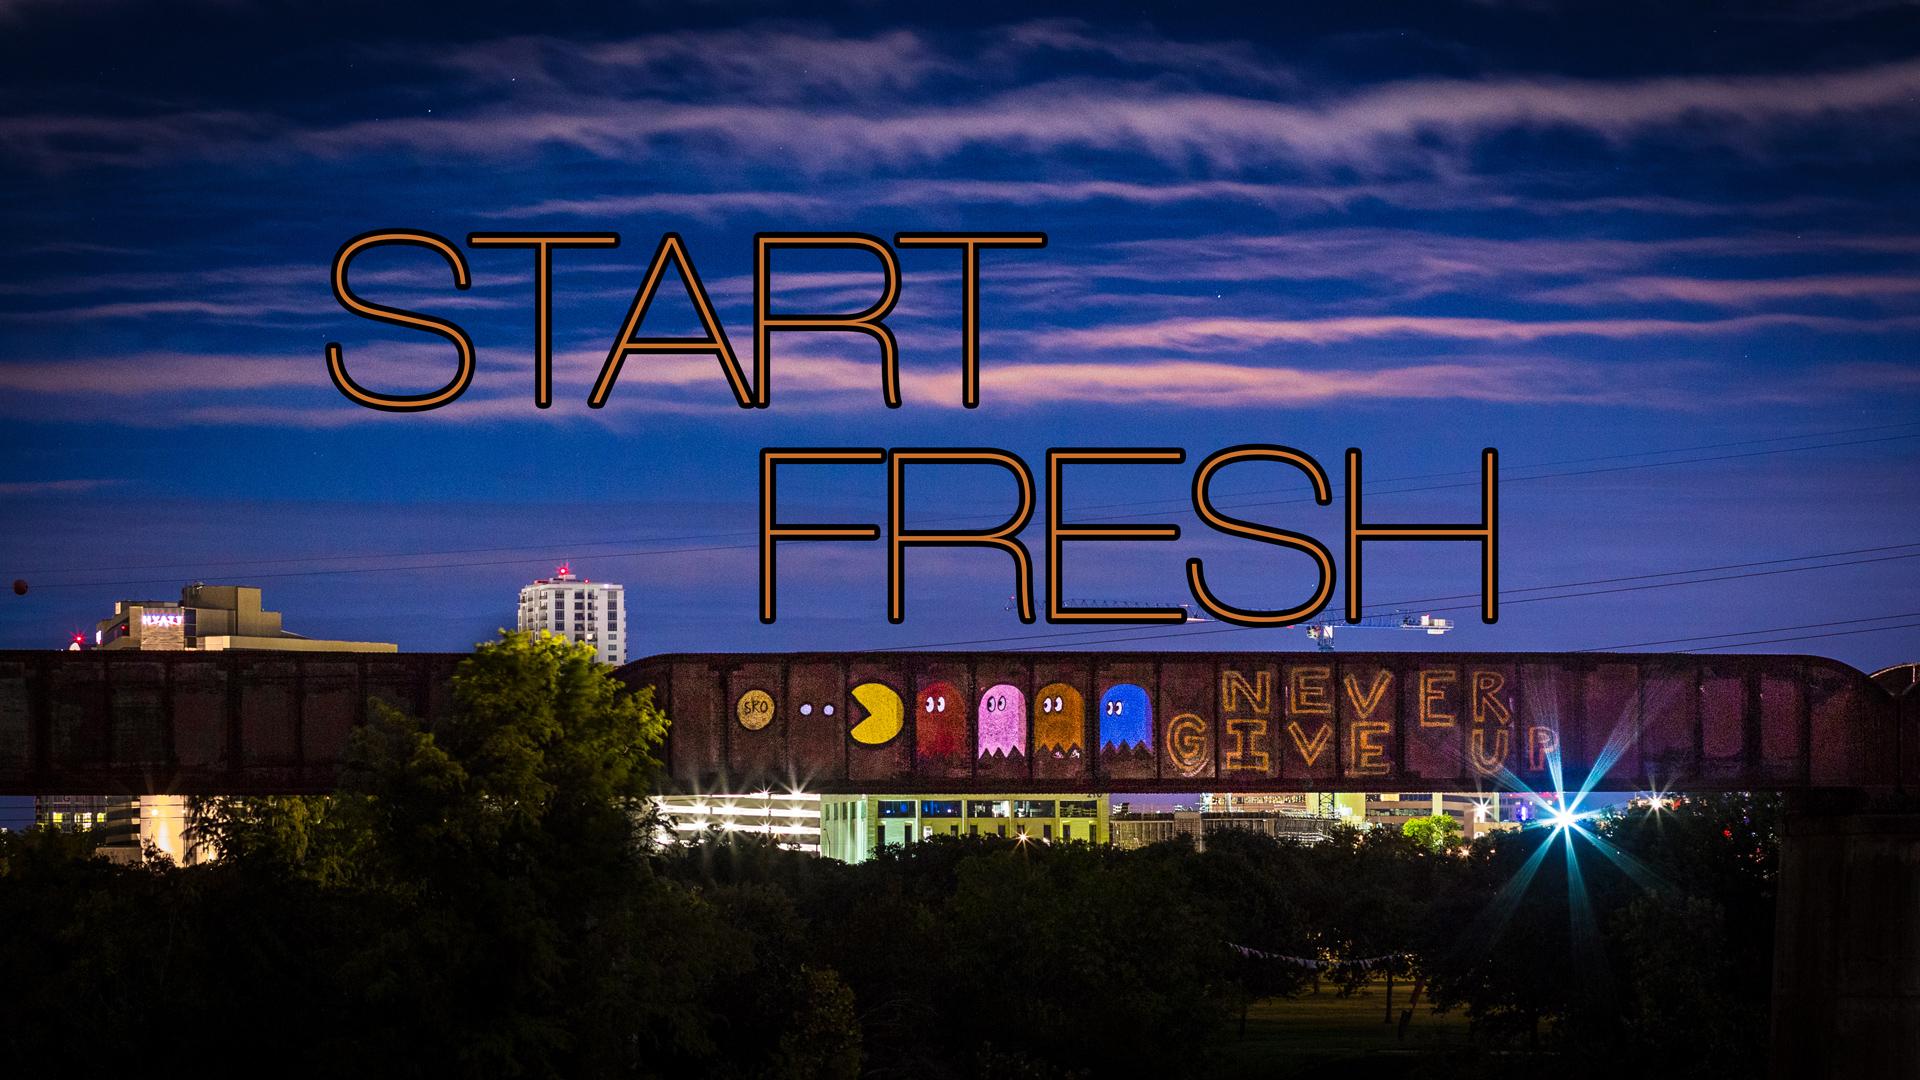 startfresh.jpg